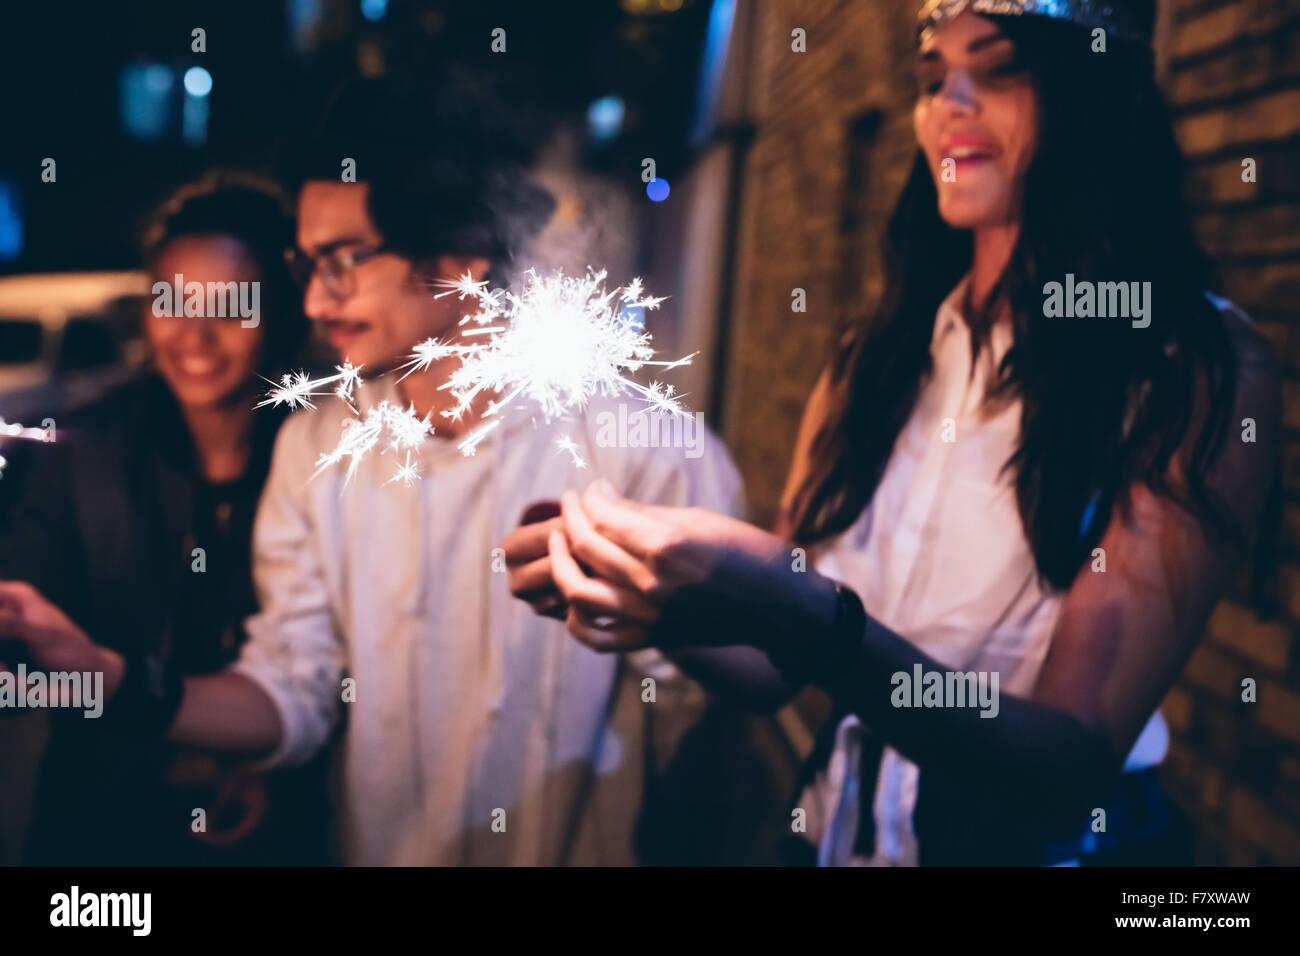 Jeunes amis de nuit, de célébrer avec les cierges magiques. Les hommes et les femmes de traîner la Photo Stock